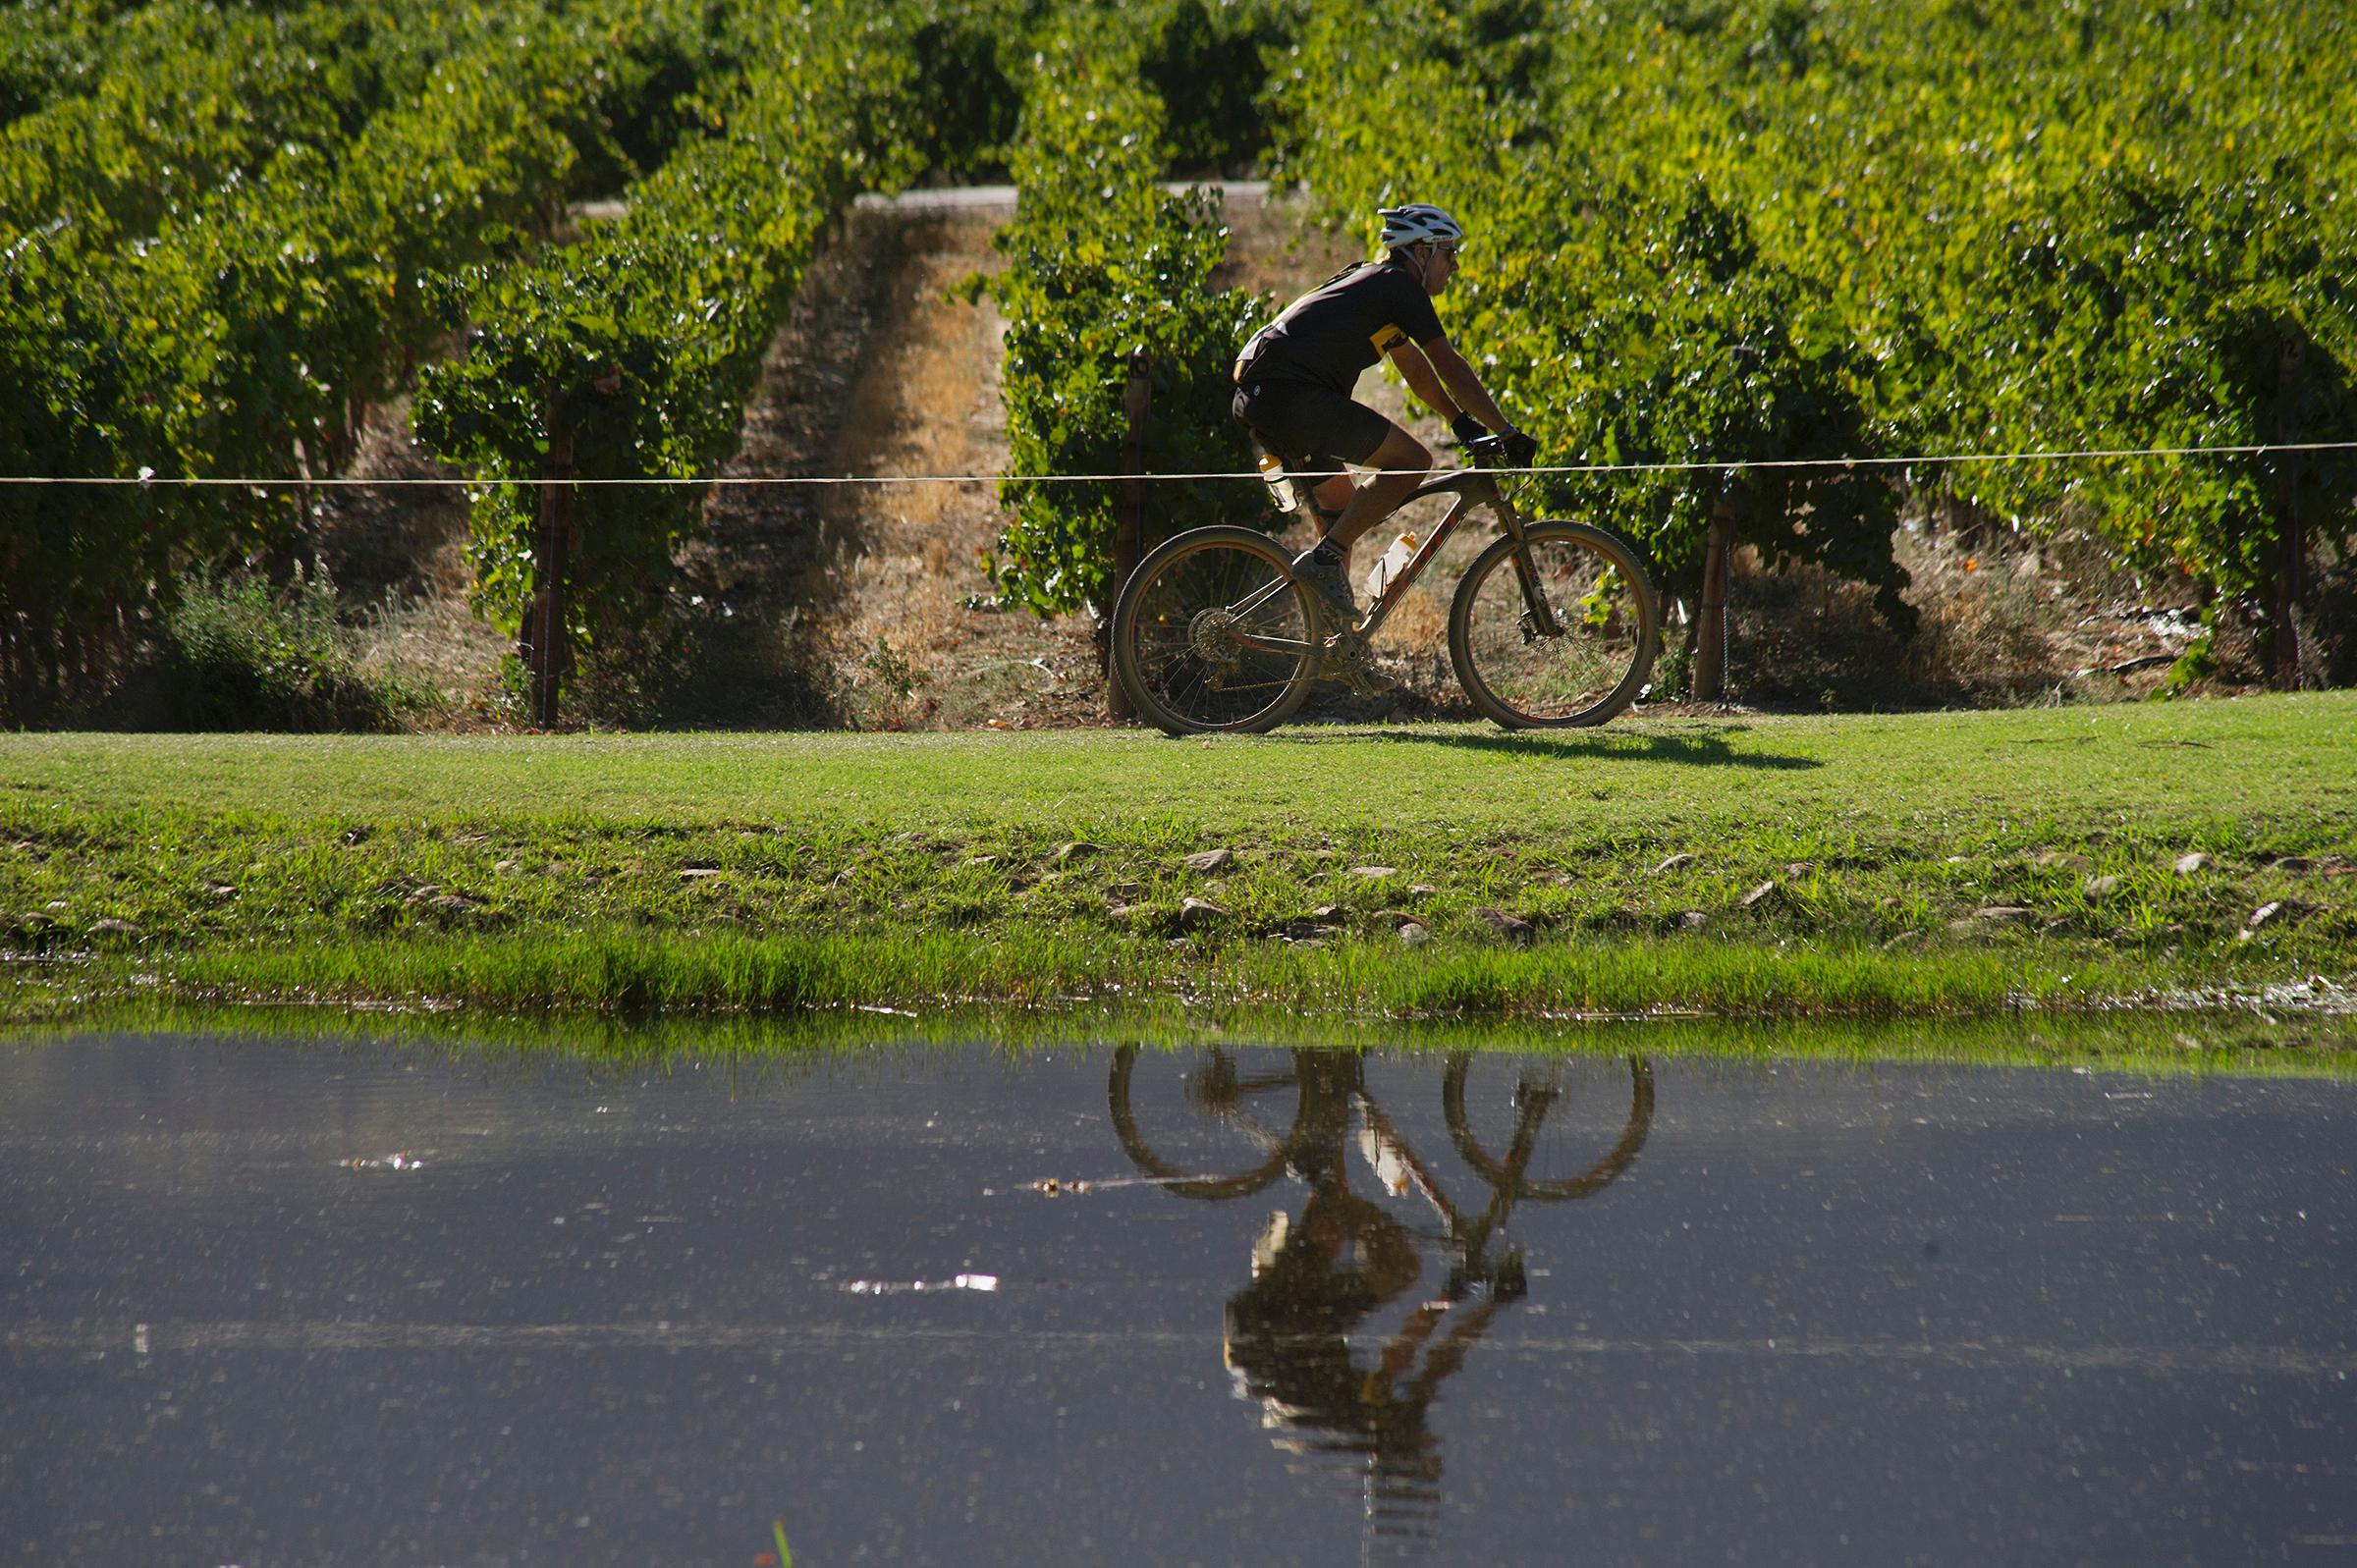 A 45 minuti da Citt del Capo Bicicletta e degustazione di vini a Stellenbosch e Franschhoek